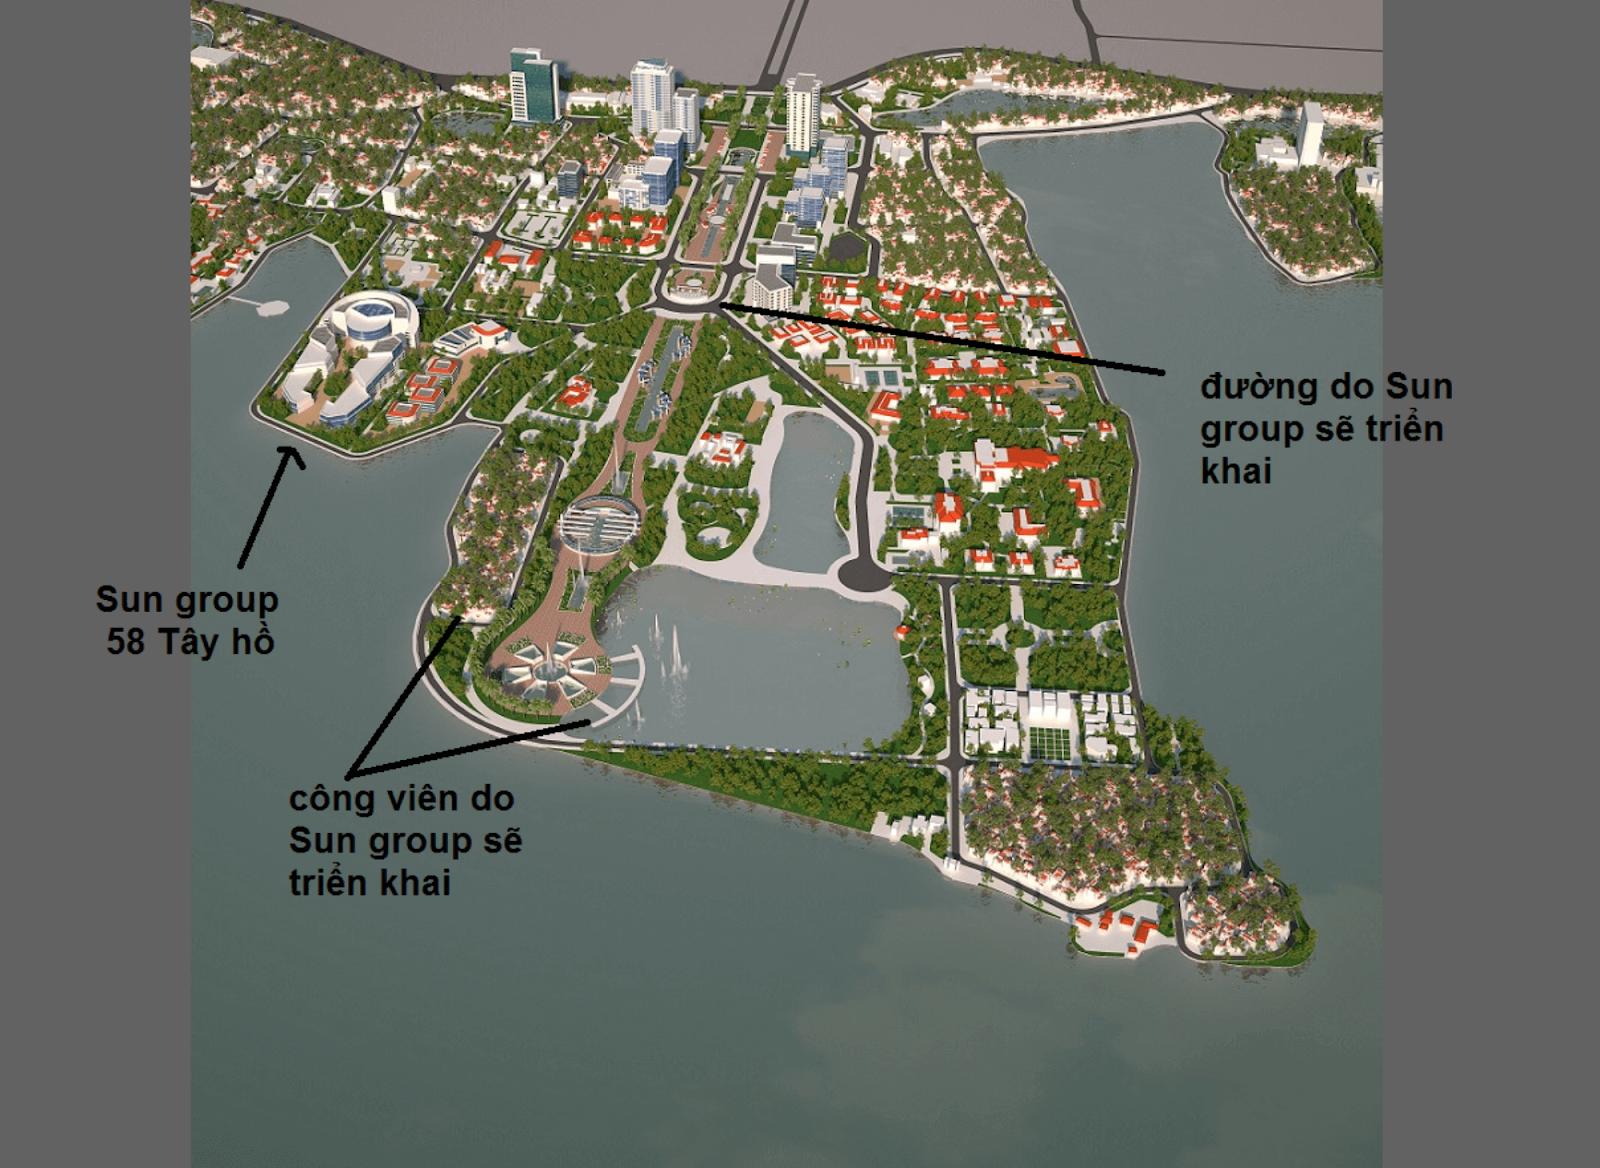 Quy hoạch đường xá và dự án ở khu vực phường Quảng An.